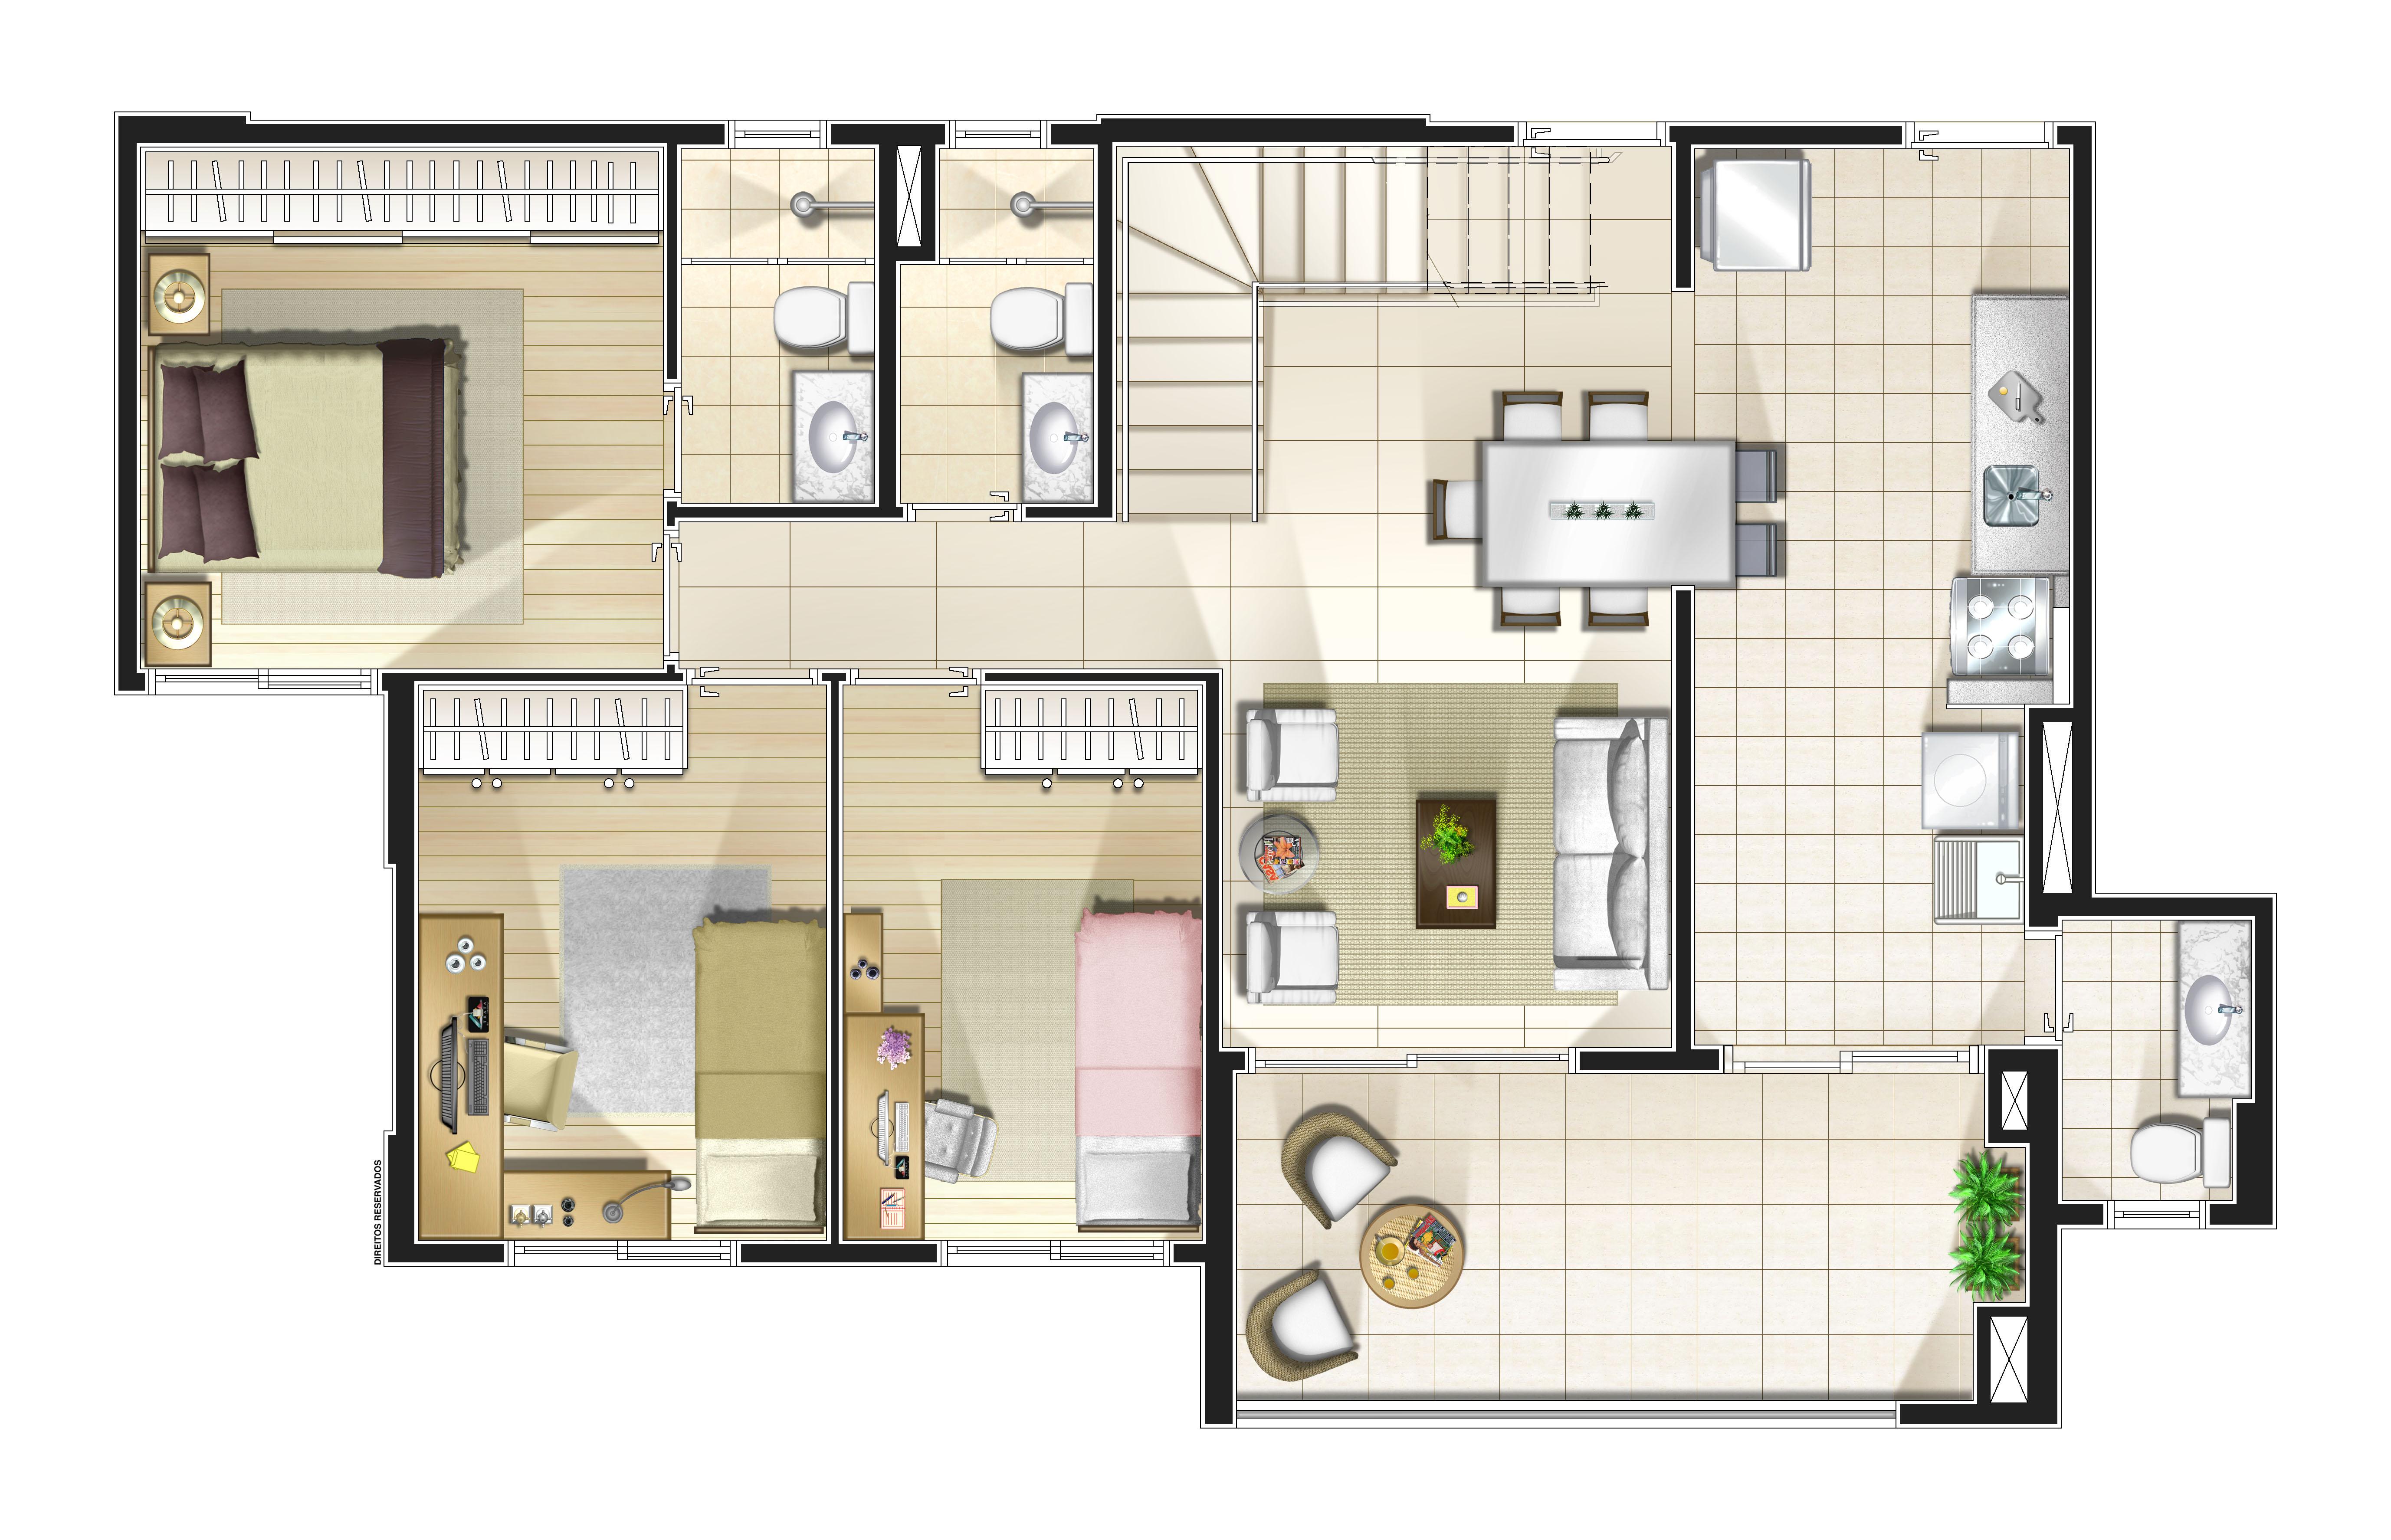 Photo room redecorating images tumblr bedroom ideas - Imagenes de plantas de interior ...